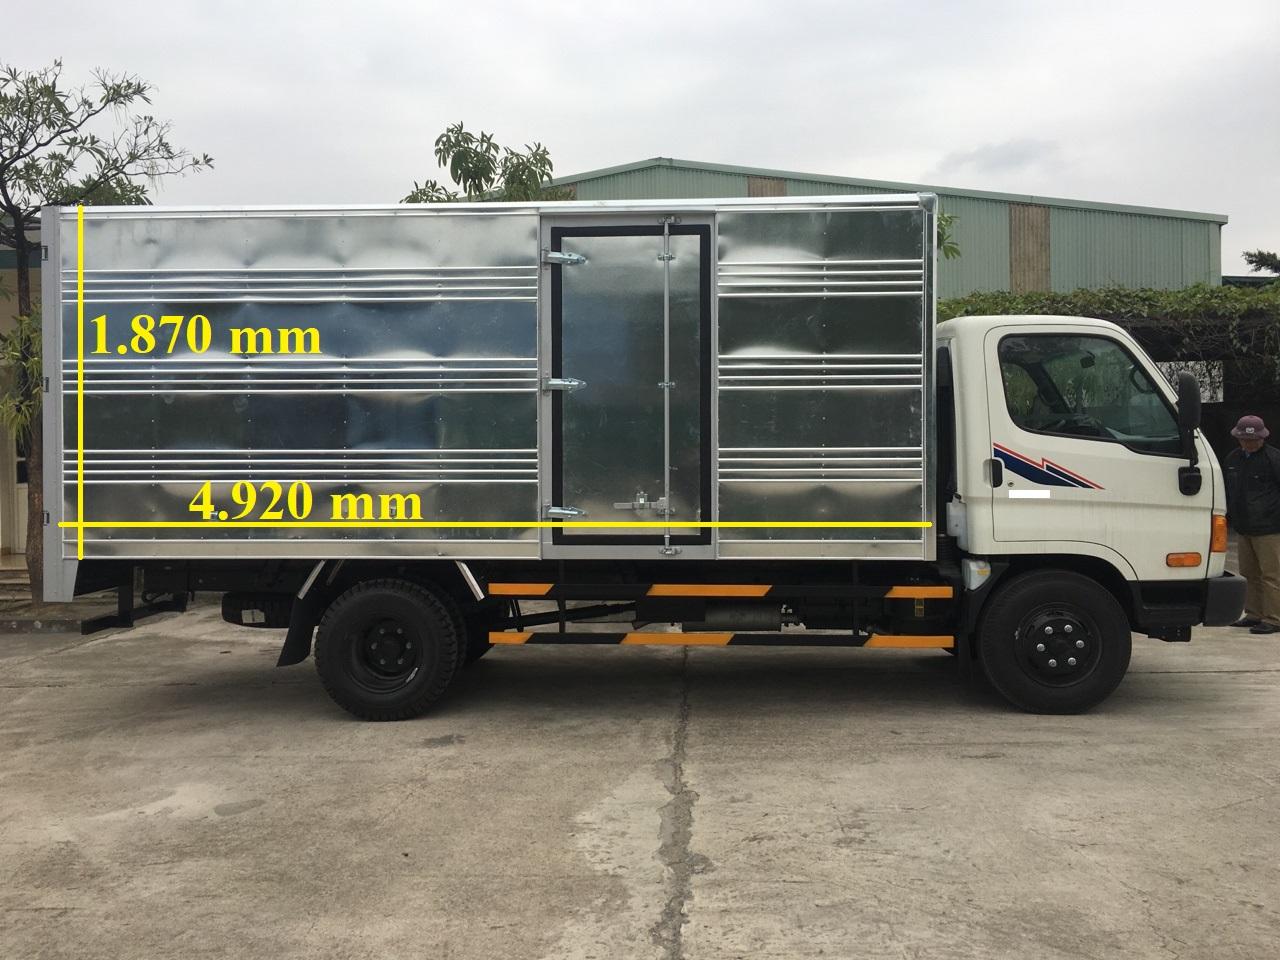 xe tải hyundai 6,4 tấn hd650 kết cấu thùng 1